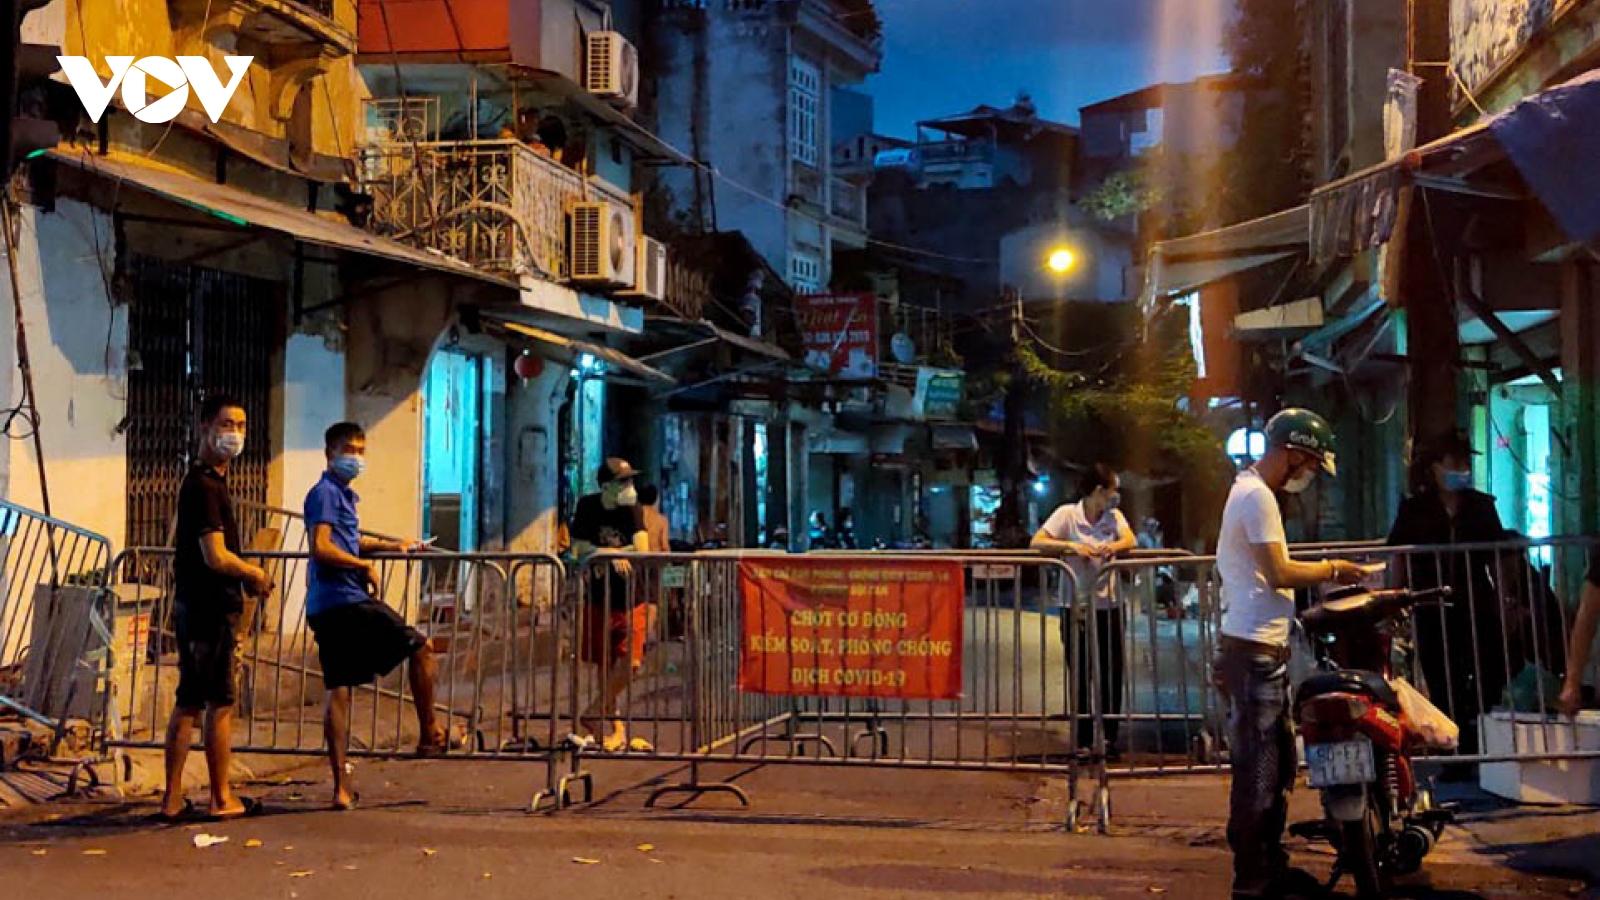 Hà Nội xét nghiệm 7.000 người liên quan ca dương tính tại chợ Ngọc Hà